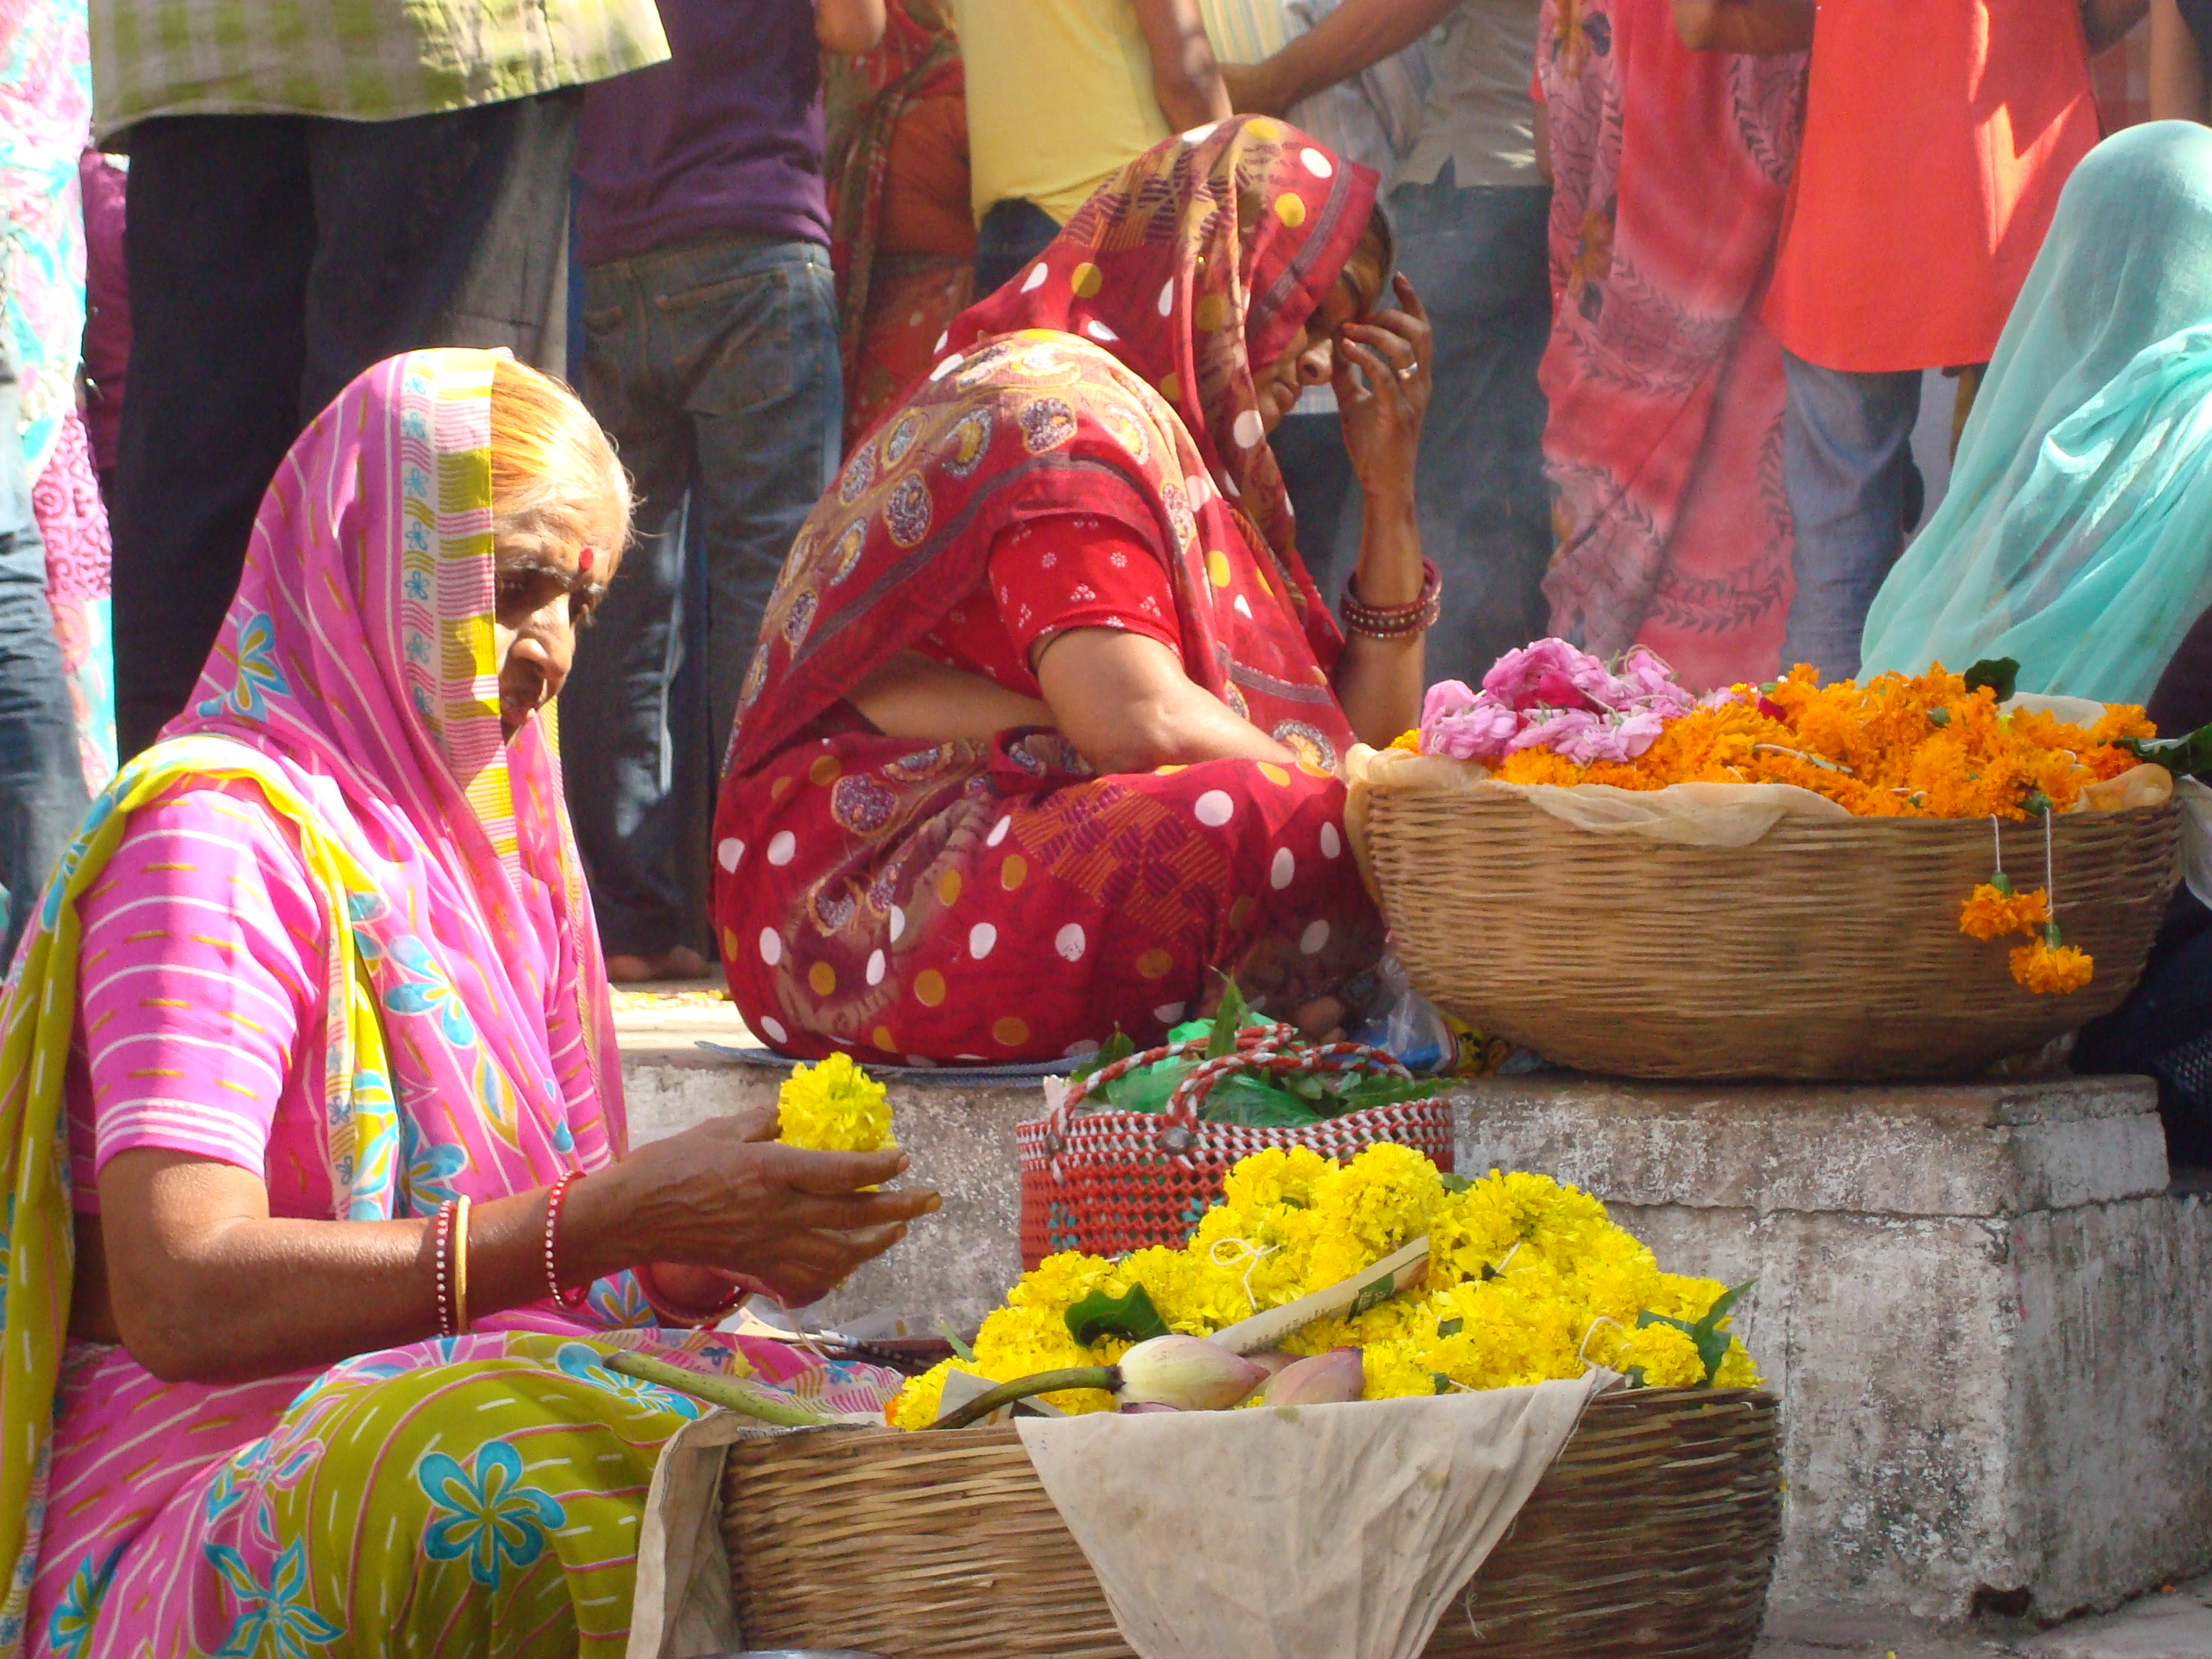 Les fêtes religieuses et les couleurs sont très présentes en Inde